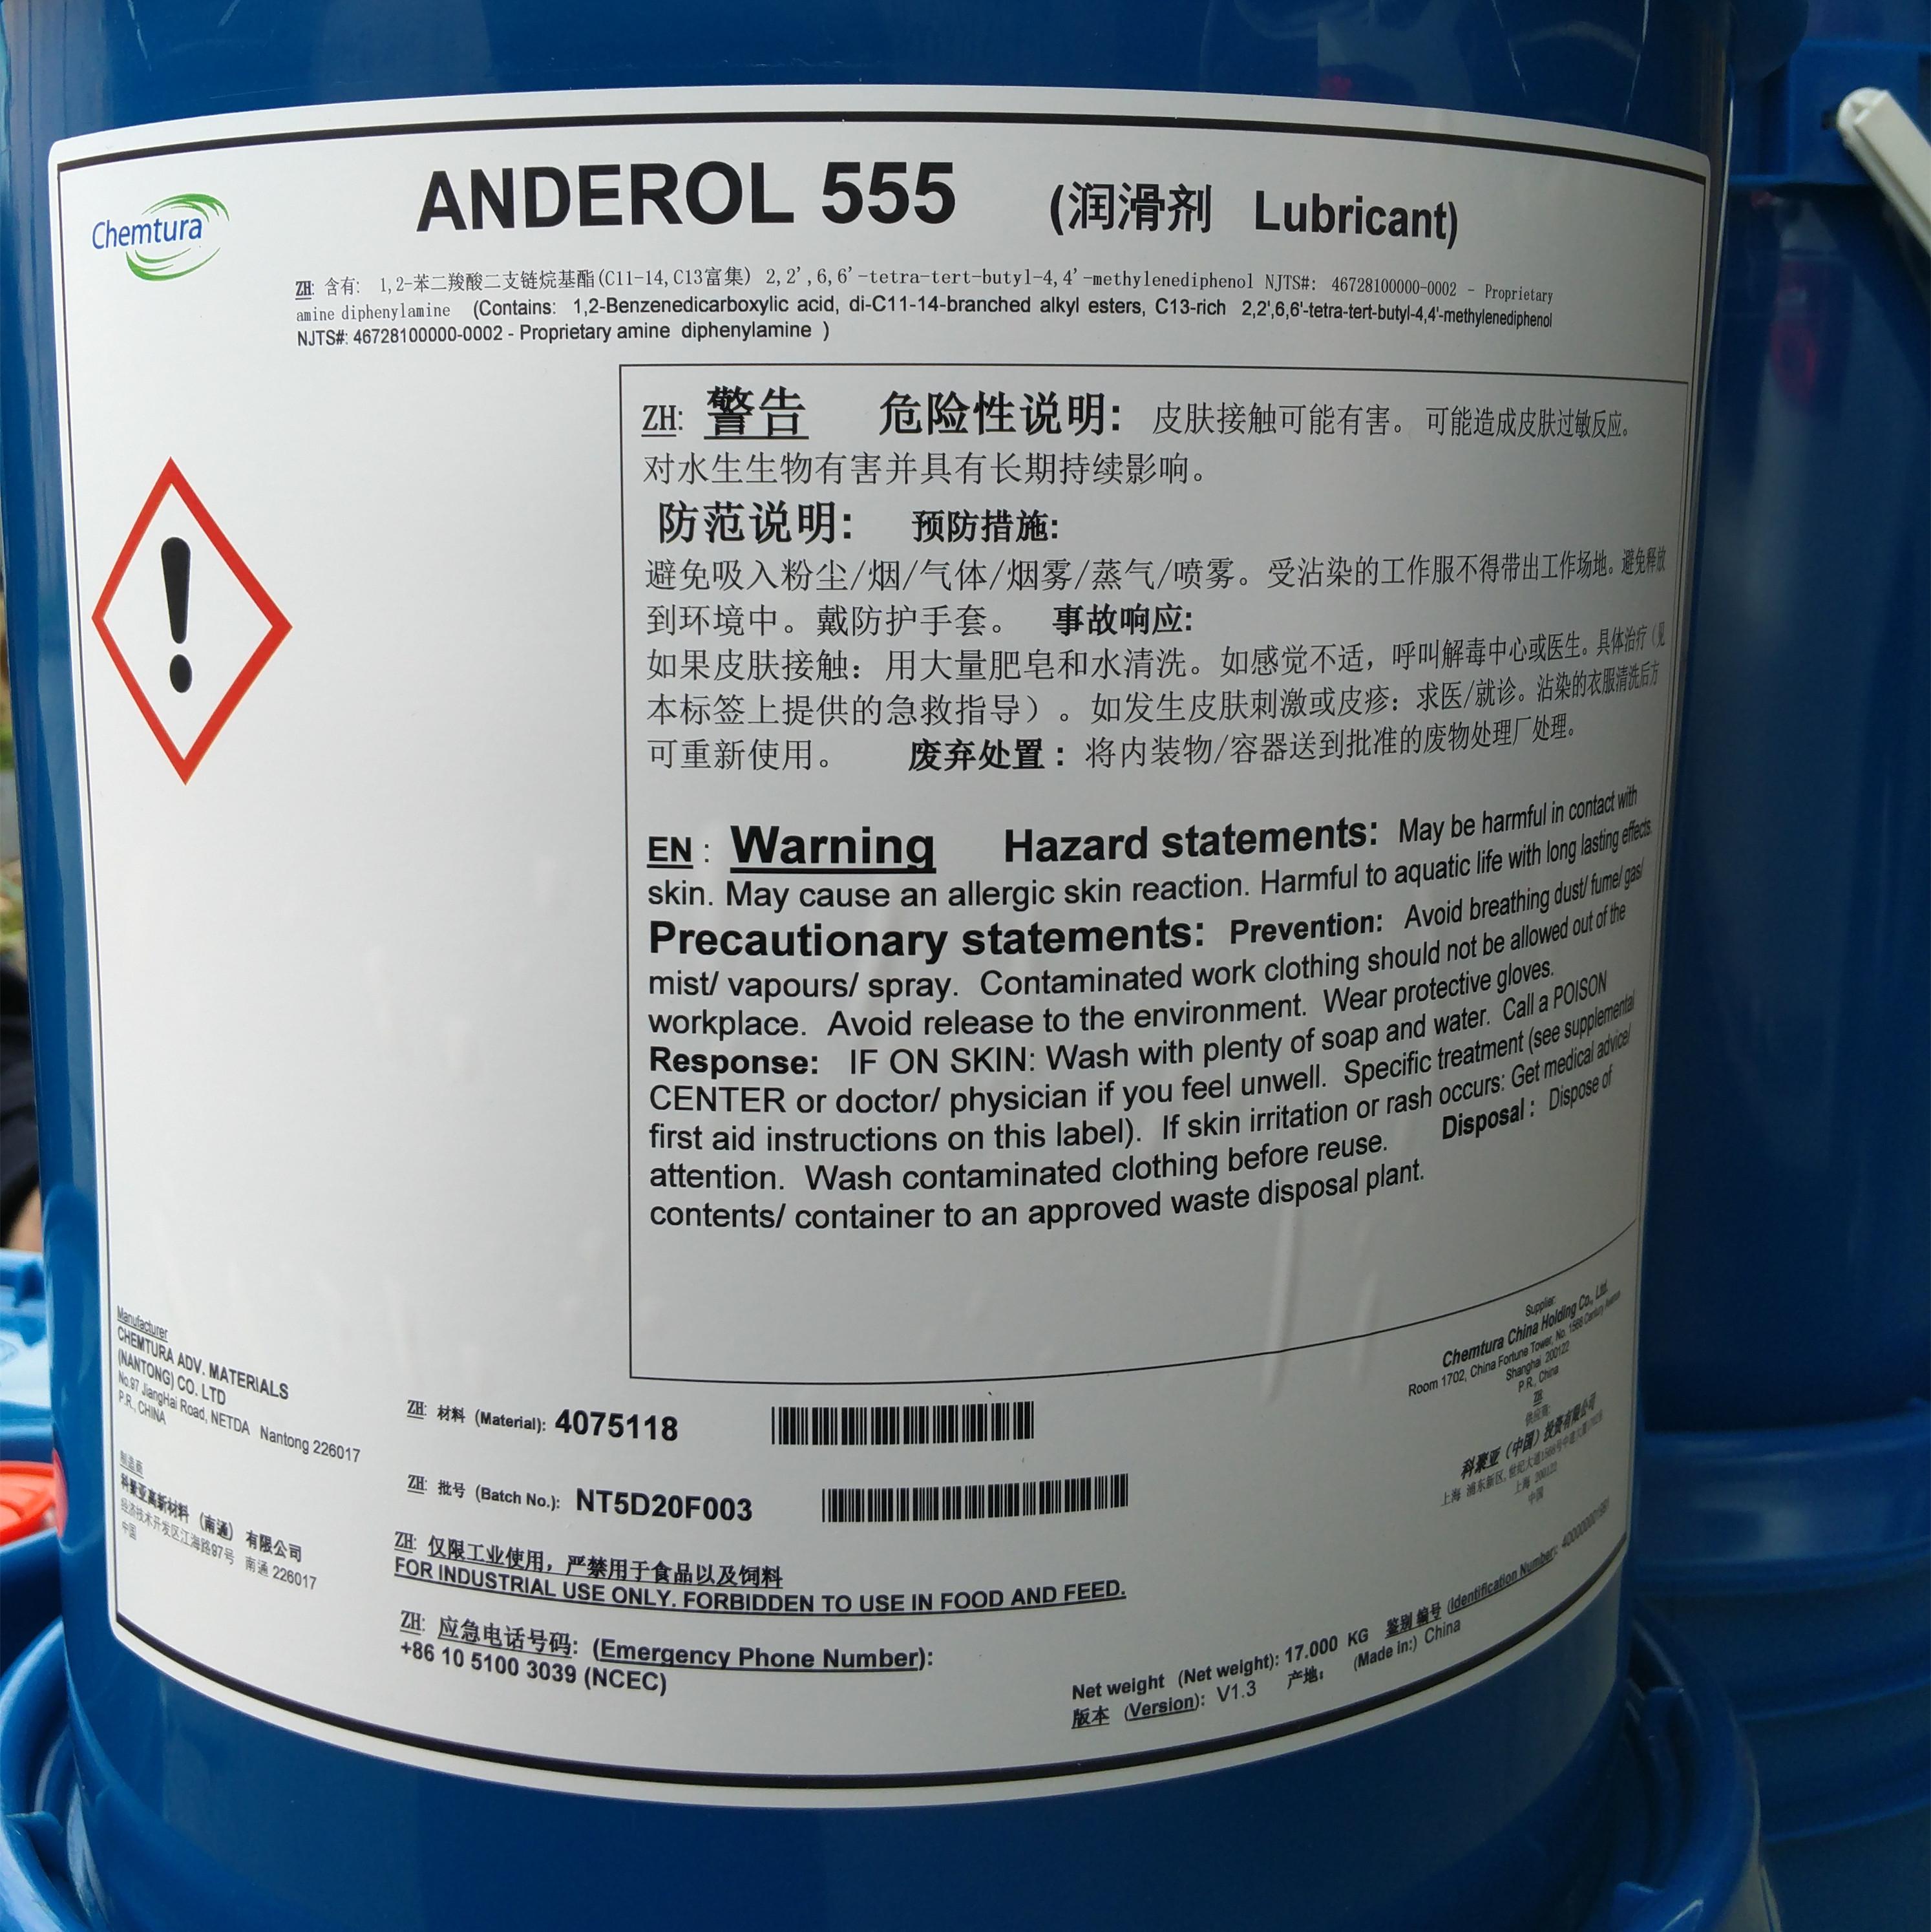 ANDEROL 555